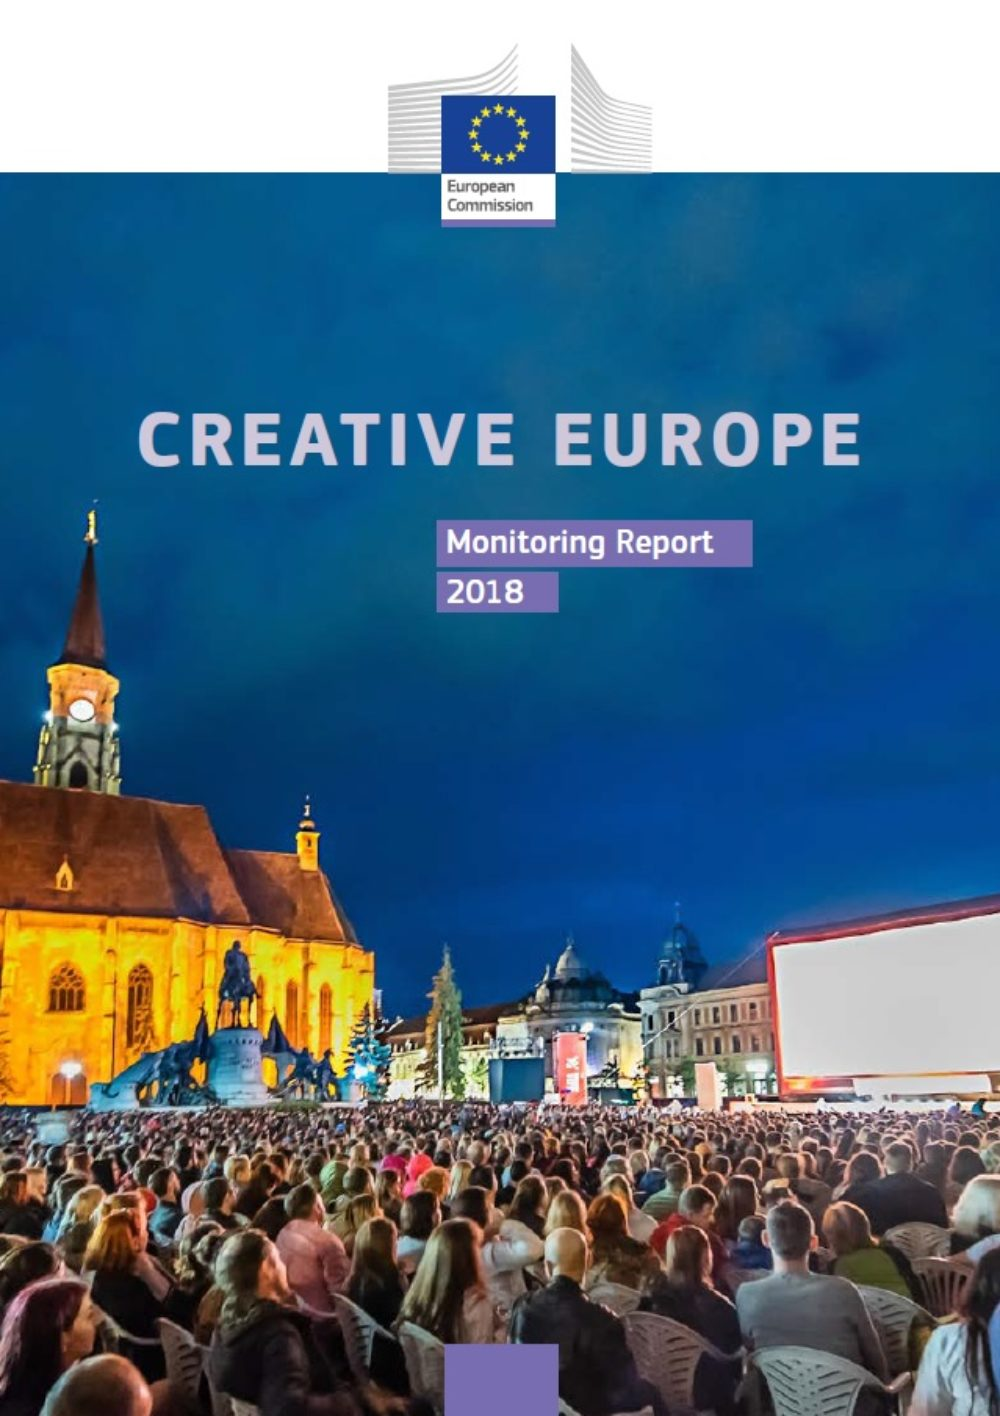 Raport Komisji Europejskiej z realizacji zadań i priorytetów programu Kreatywna Europa w 2018 roku